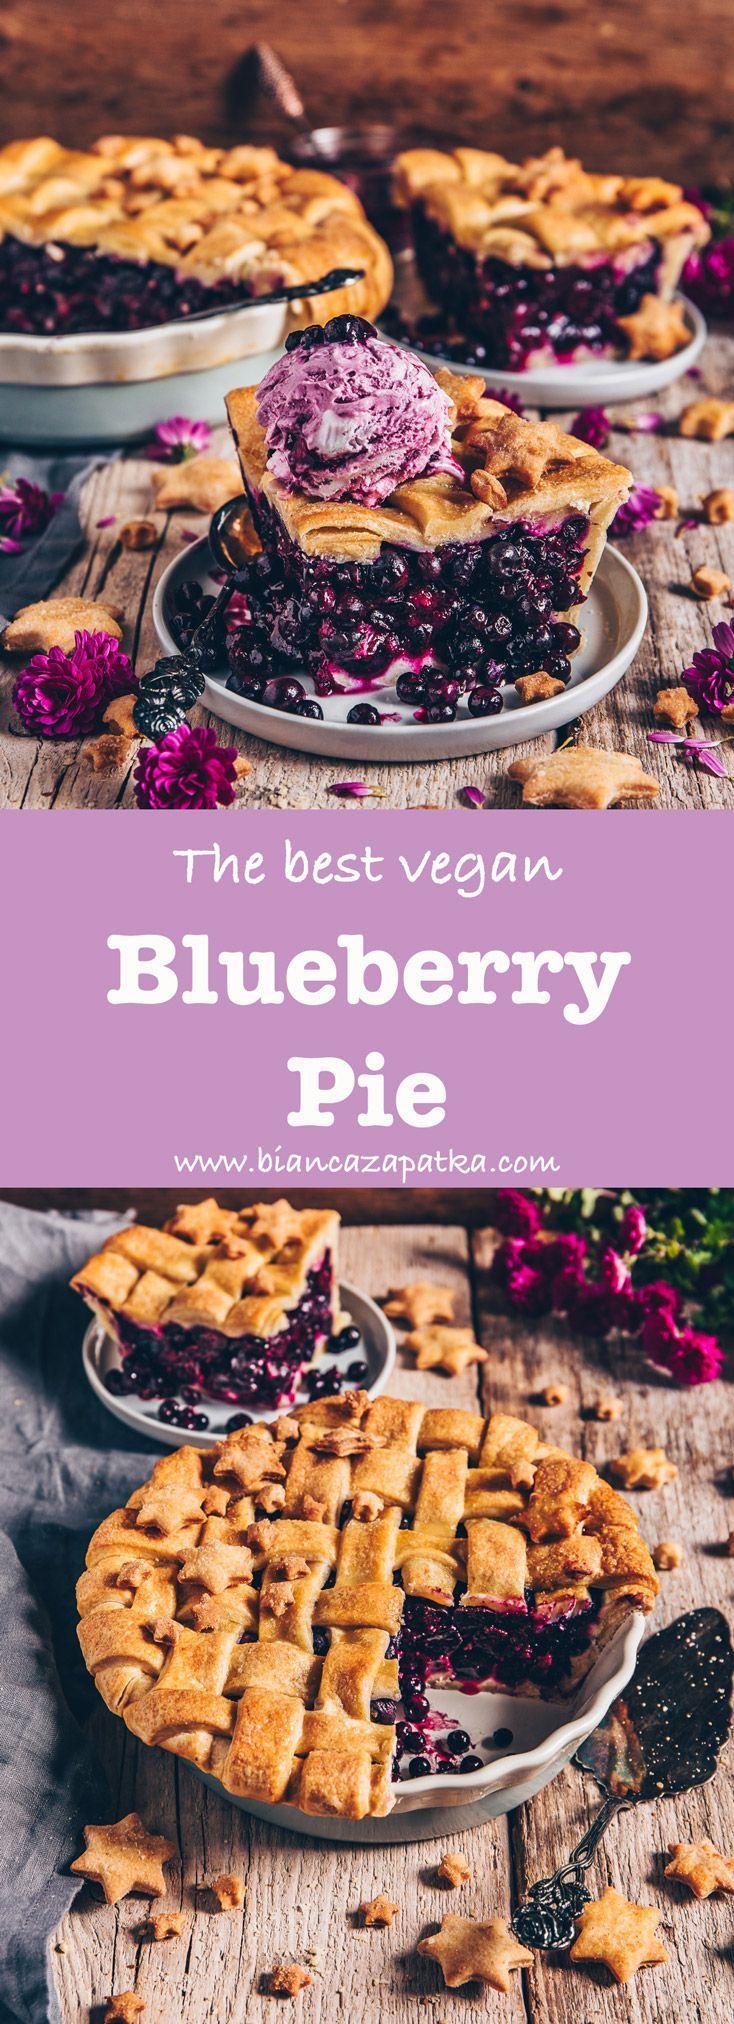 Blueberry Pie (vegan, easy blueberry pie with ice cream, juicy, fruity, crisp, flaky pie crust, easy vegan pastry recipe with lattice design, the bestblueberry pie with ice cream, juicy, fruity, crisp, flaky pie crust, easy vegan pastry recipe with lattice design, the best